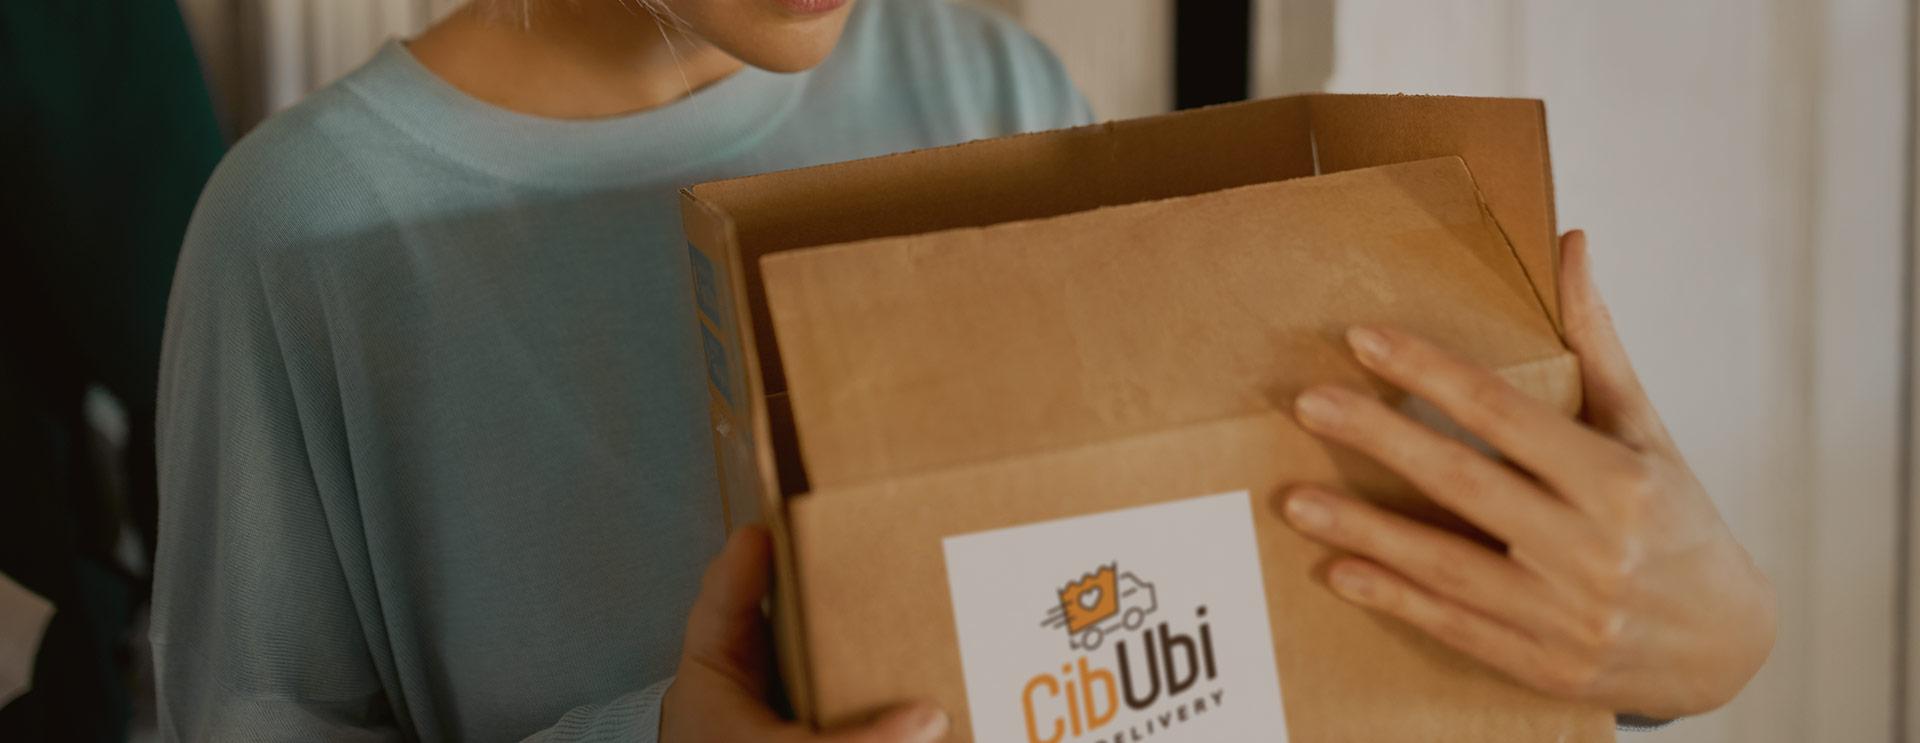 CibUbi - Spedizione e Diritto di recesso